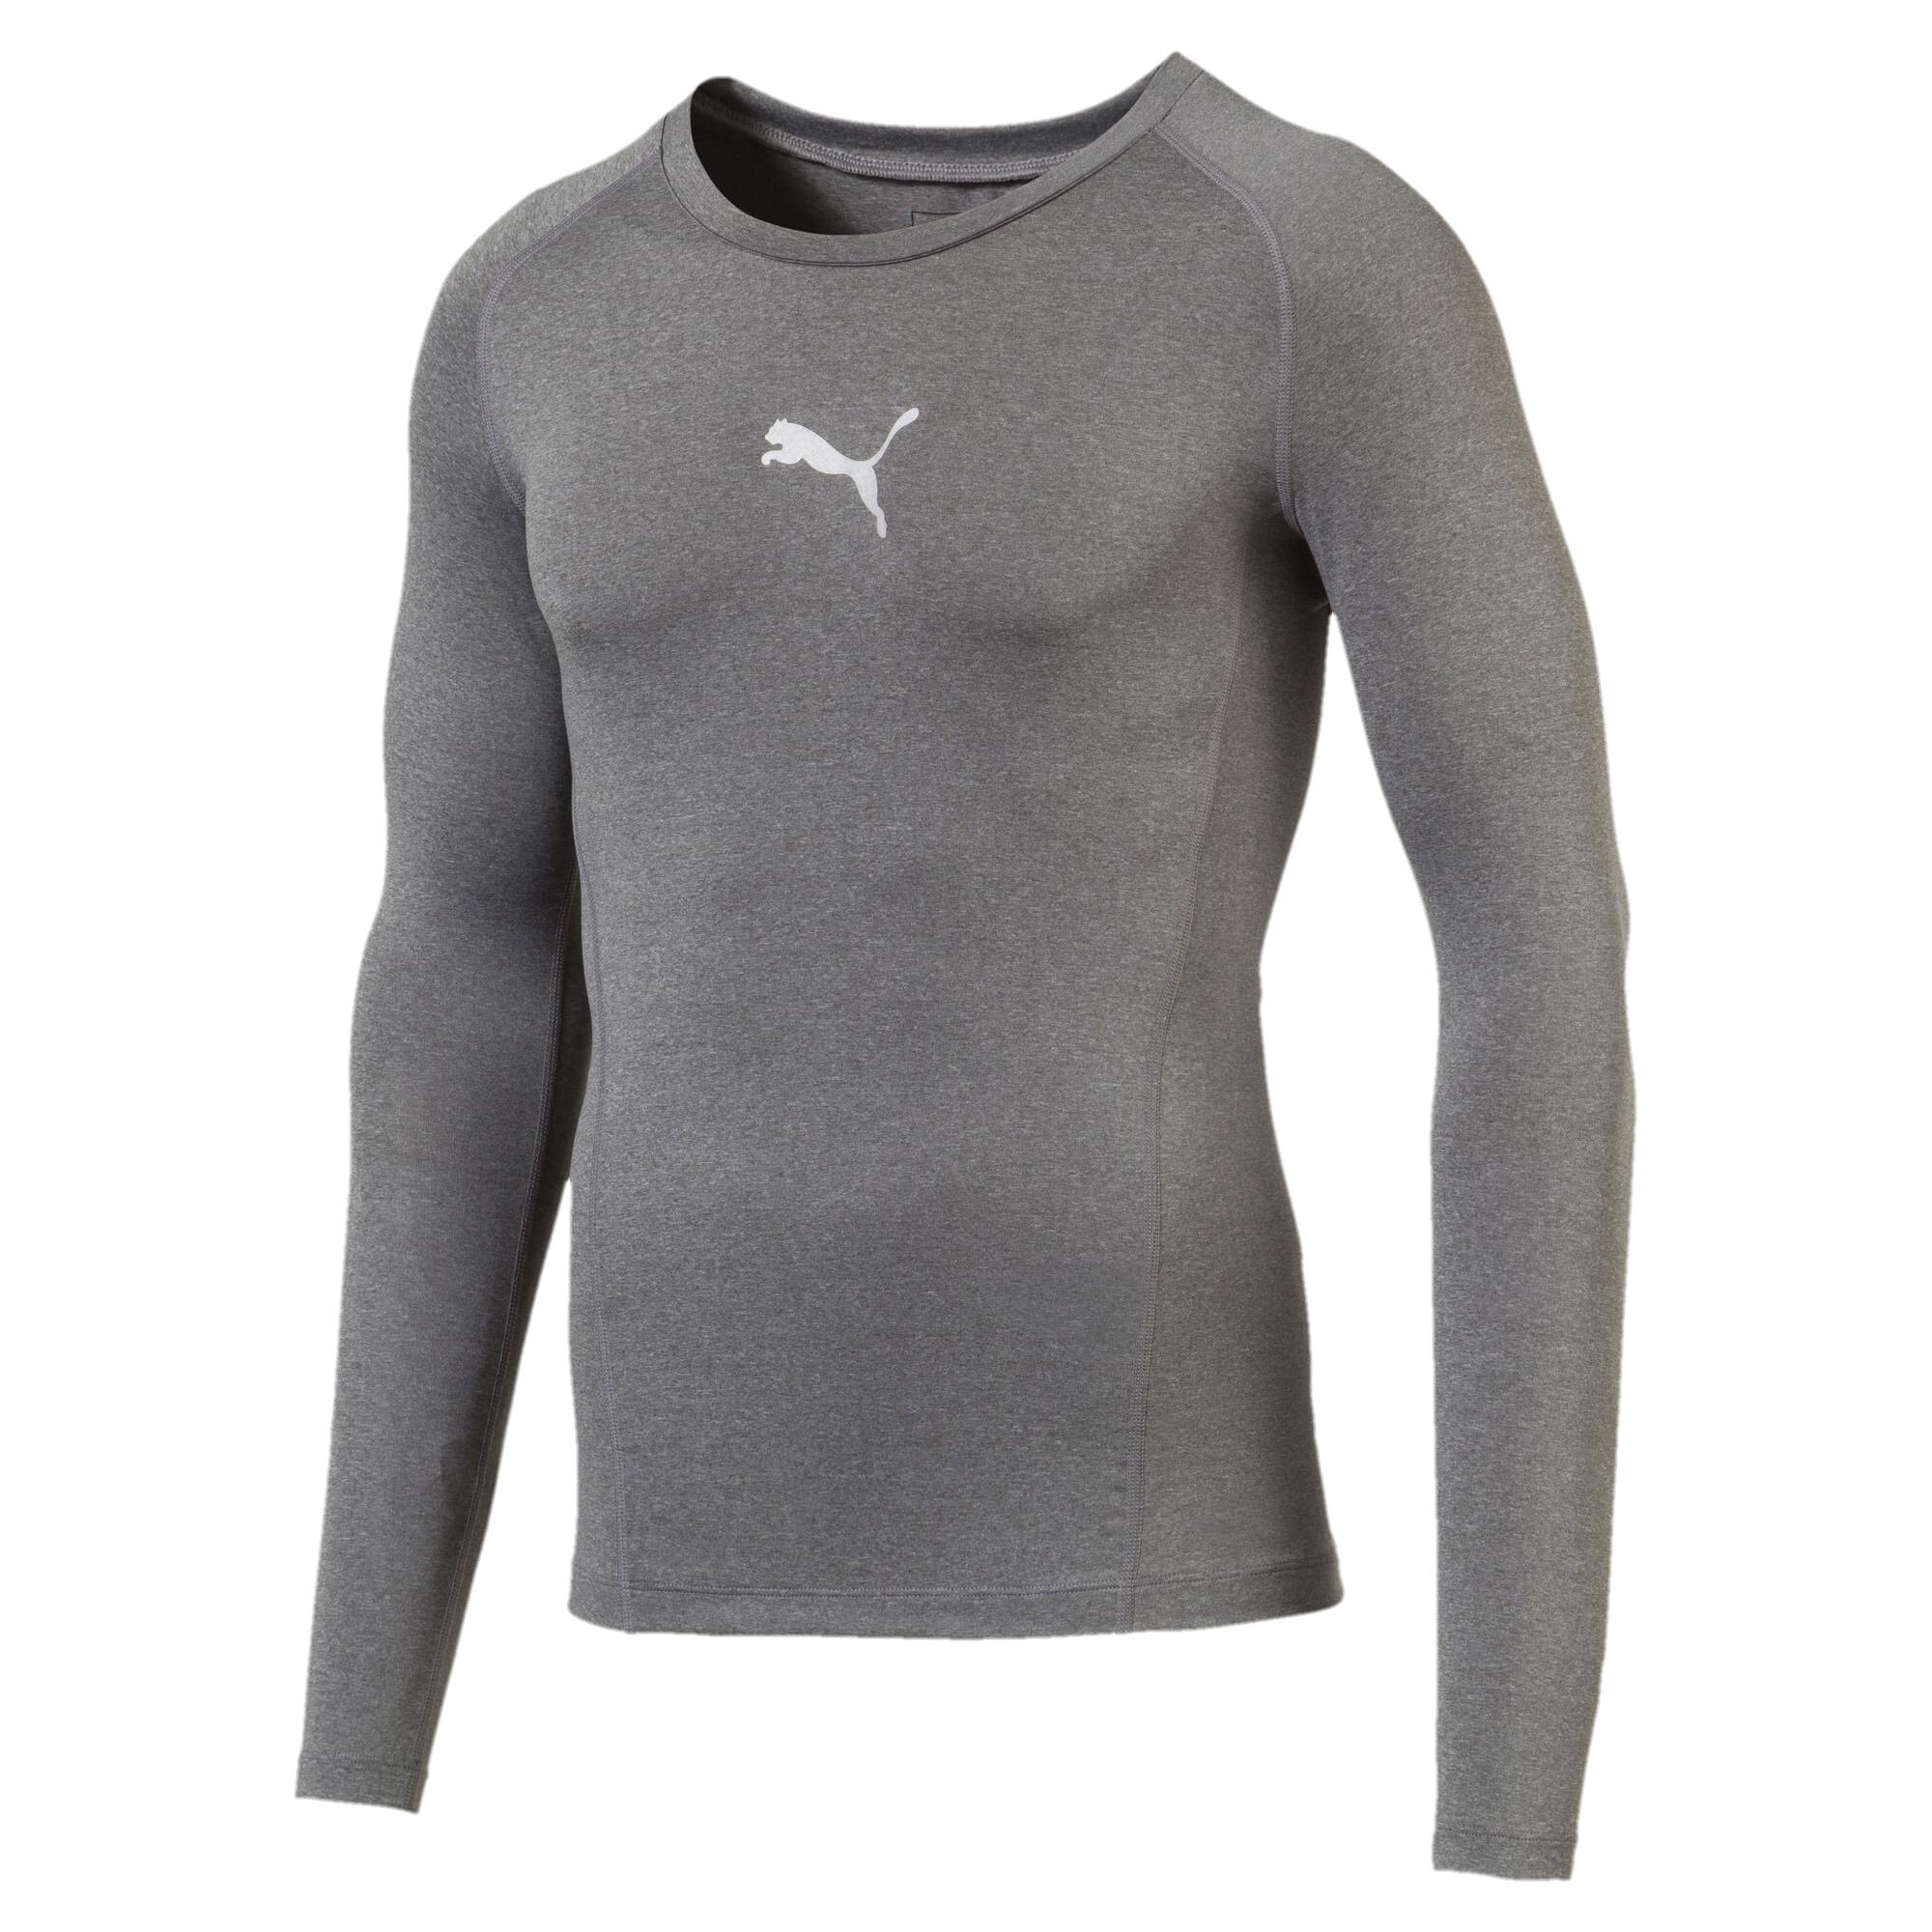 【プーマ公式通販】 プーマ テック ライト LS ヘザー Tシャツ (長袖) メンズ Medium Gray Heather  PUMA.com